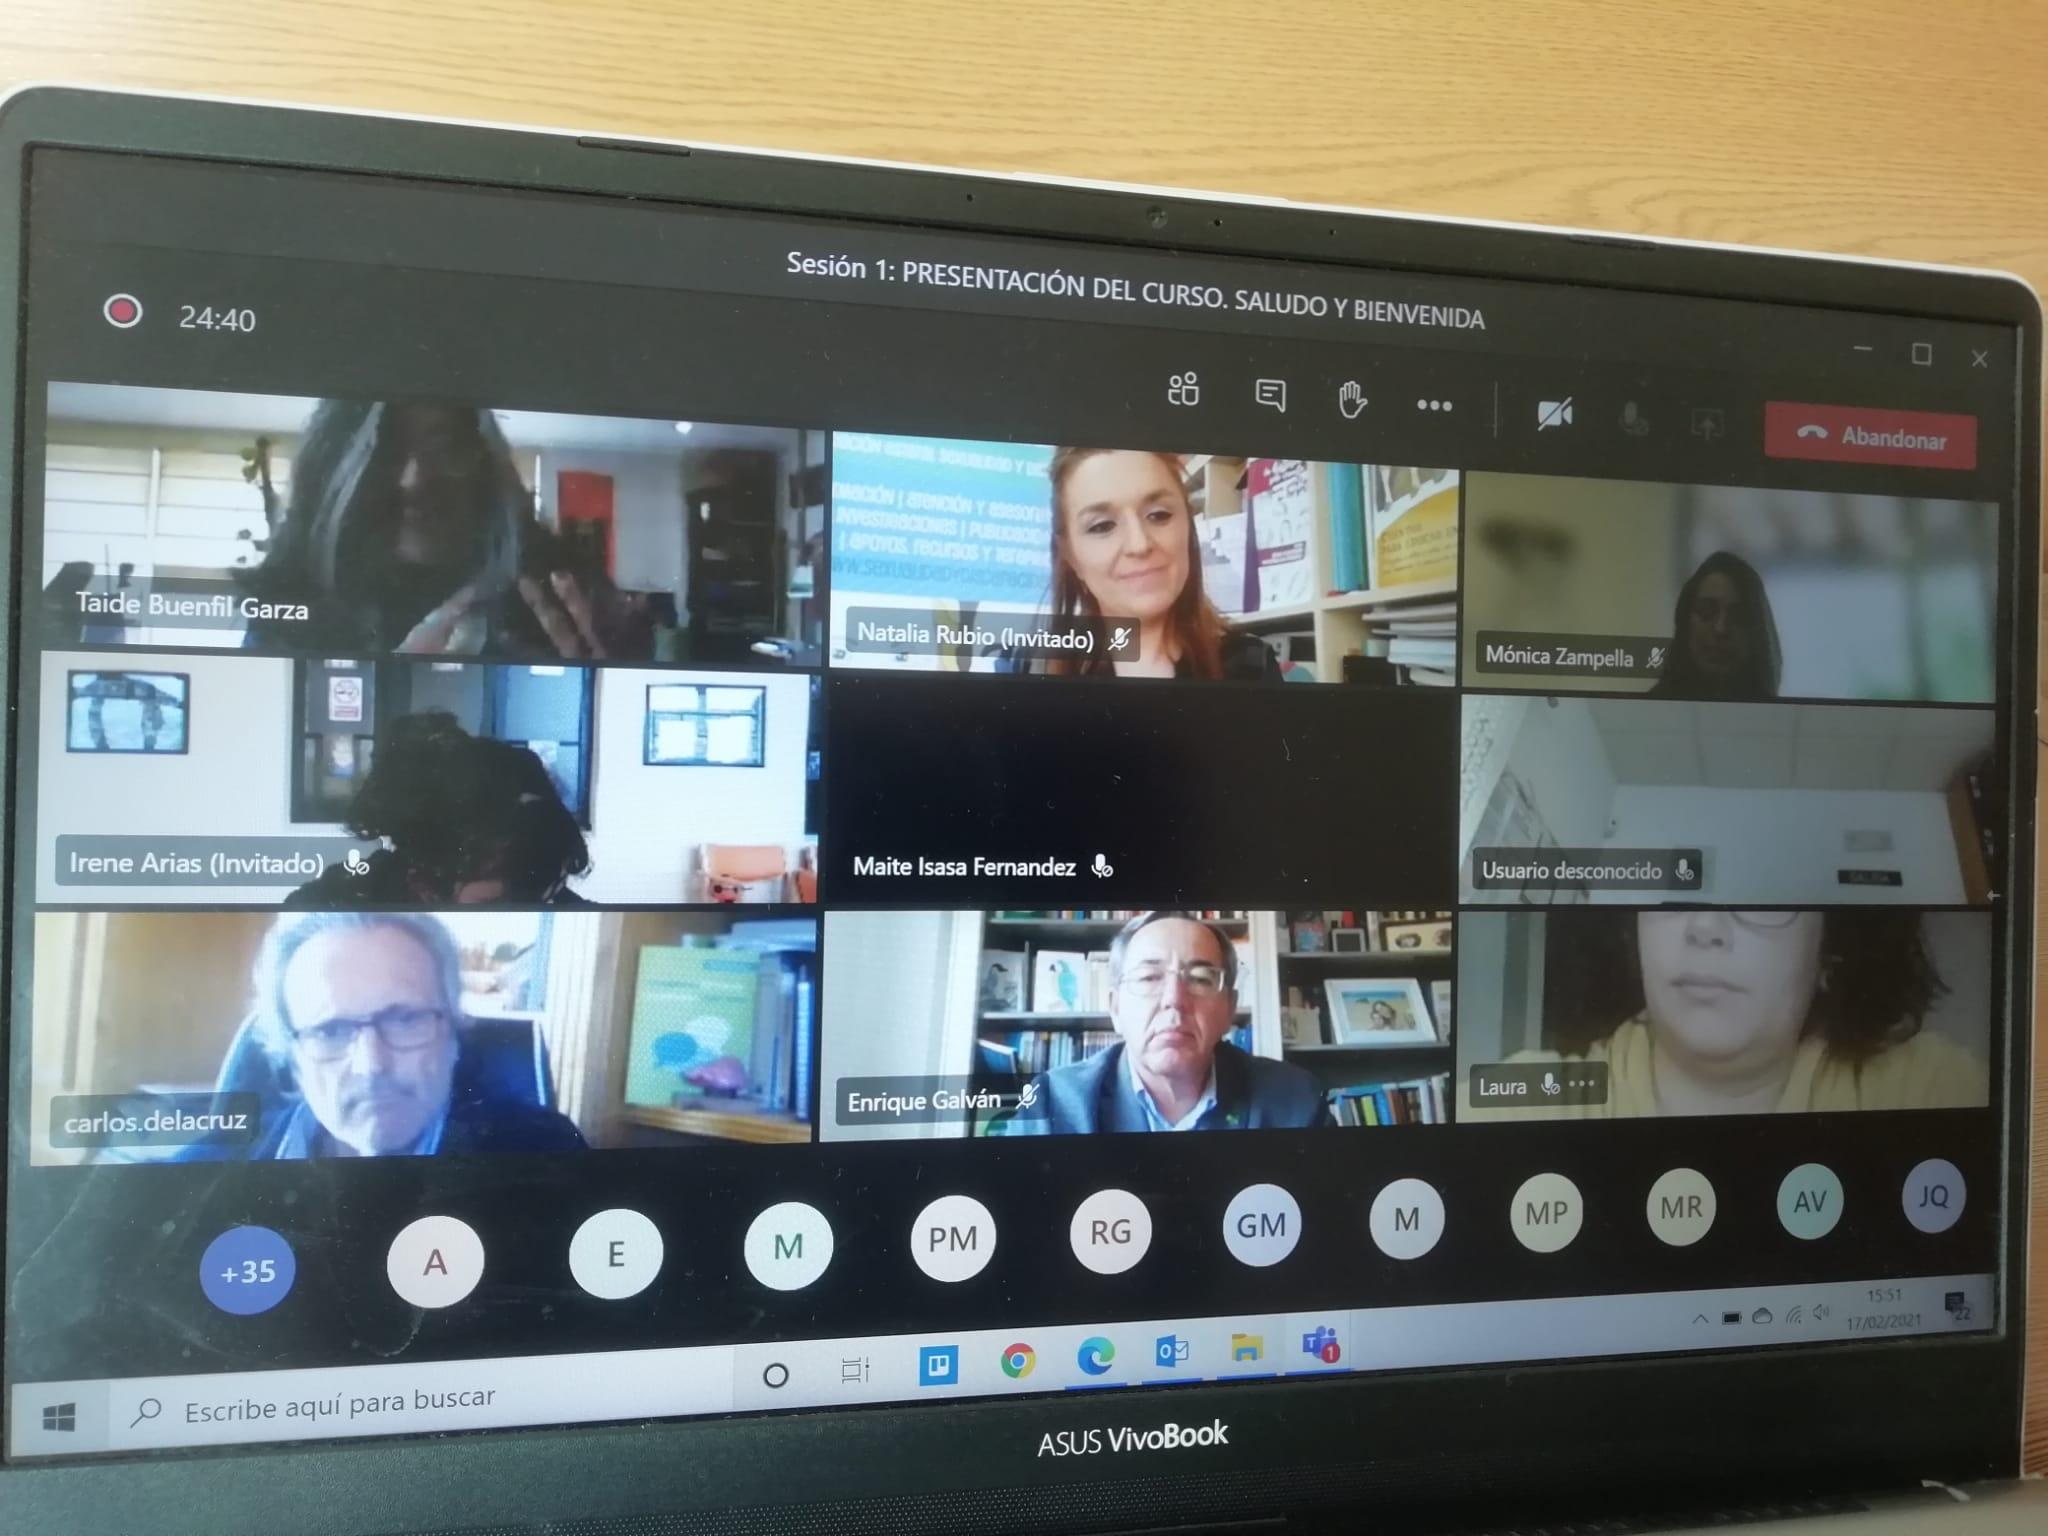 Ir a : Alumnado de América Latina y España participa en un proyecto de formación online sobre Sexualidad y Discapacidad promovido por Plena inclusión y Confe México